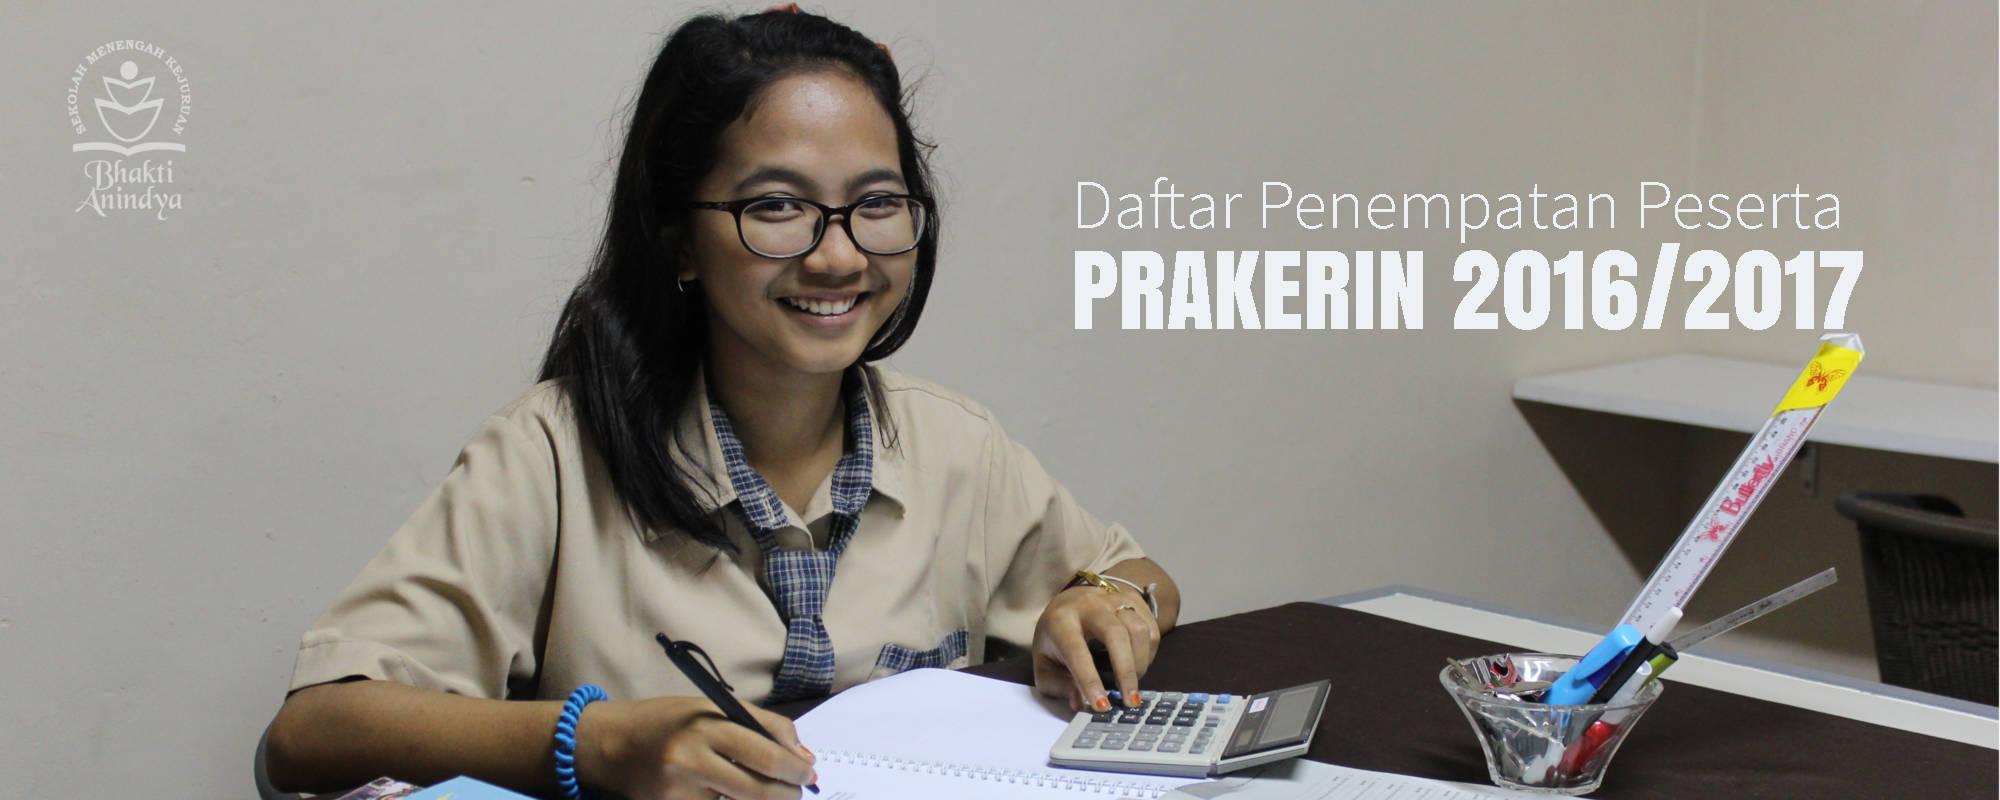 Daftar Penempatan Peserta Prakerin SMK Bhakti Anindya Tangerang 2016/2017